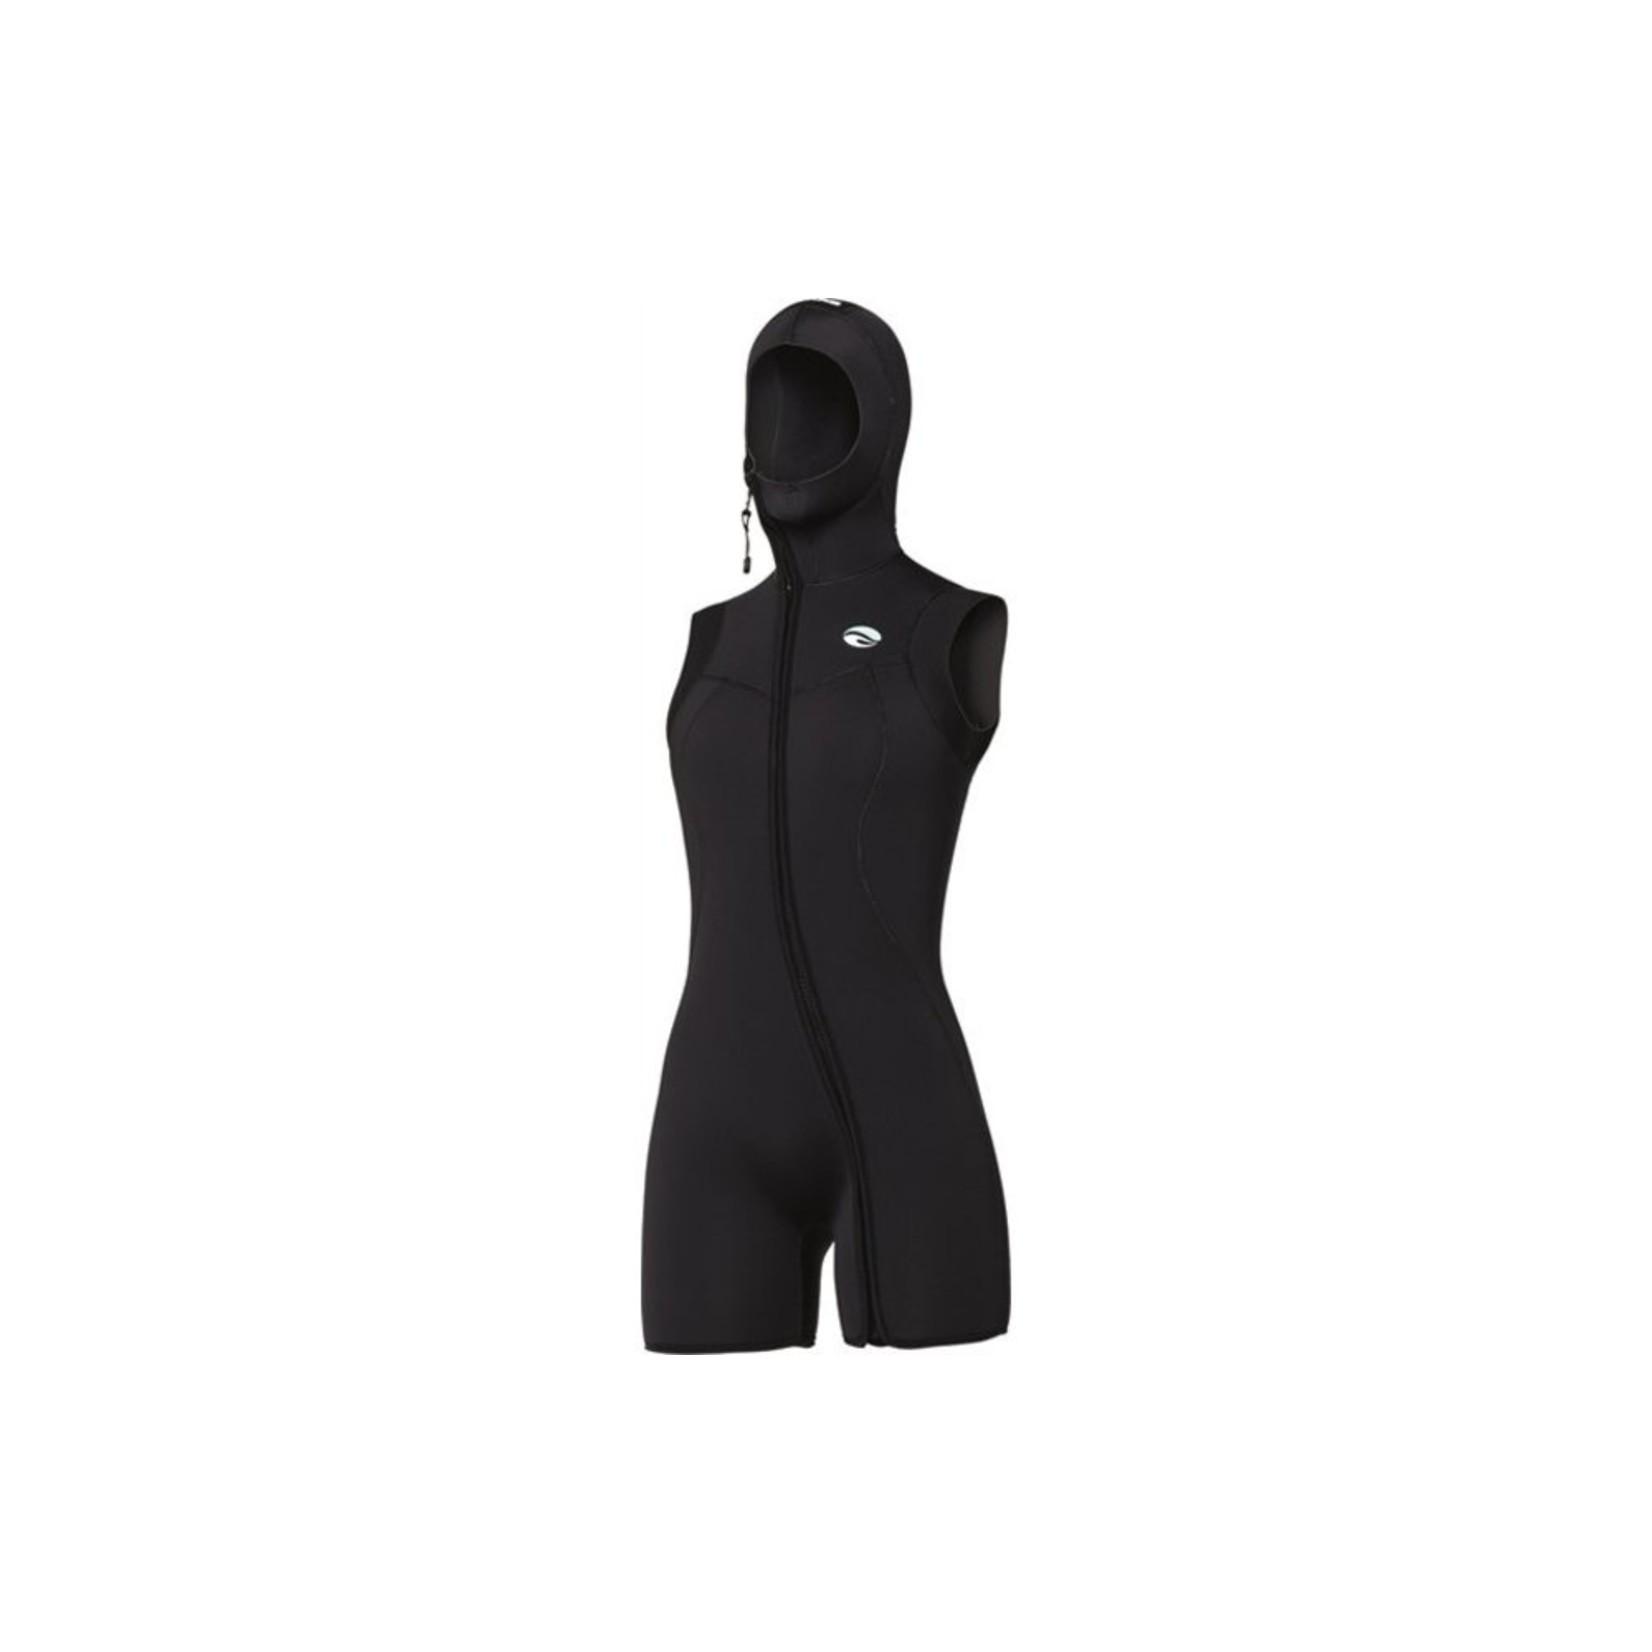 Bare 7mm Nixie S-Flex Step-In Hooded Vest Black - Women